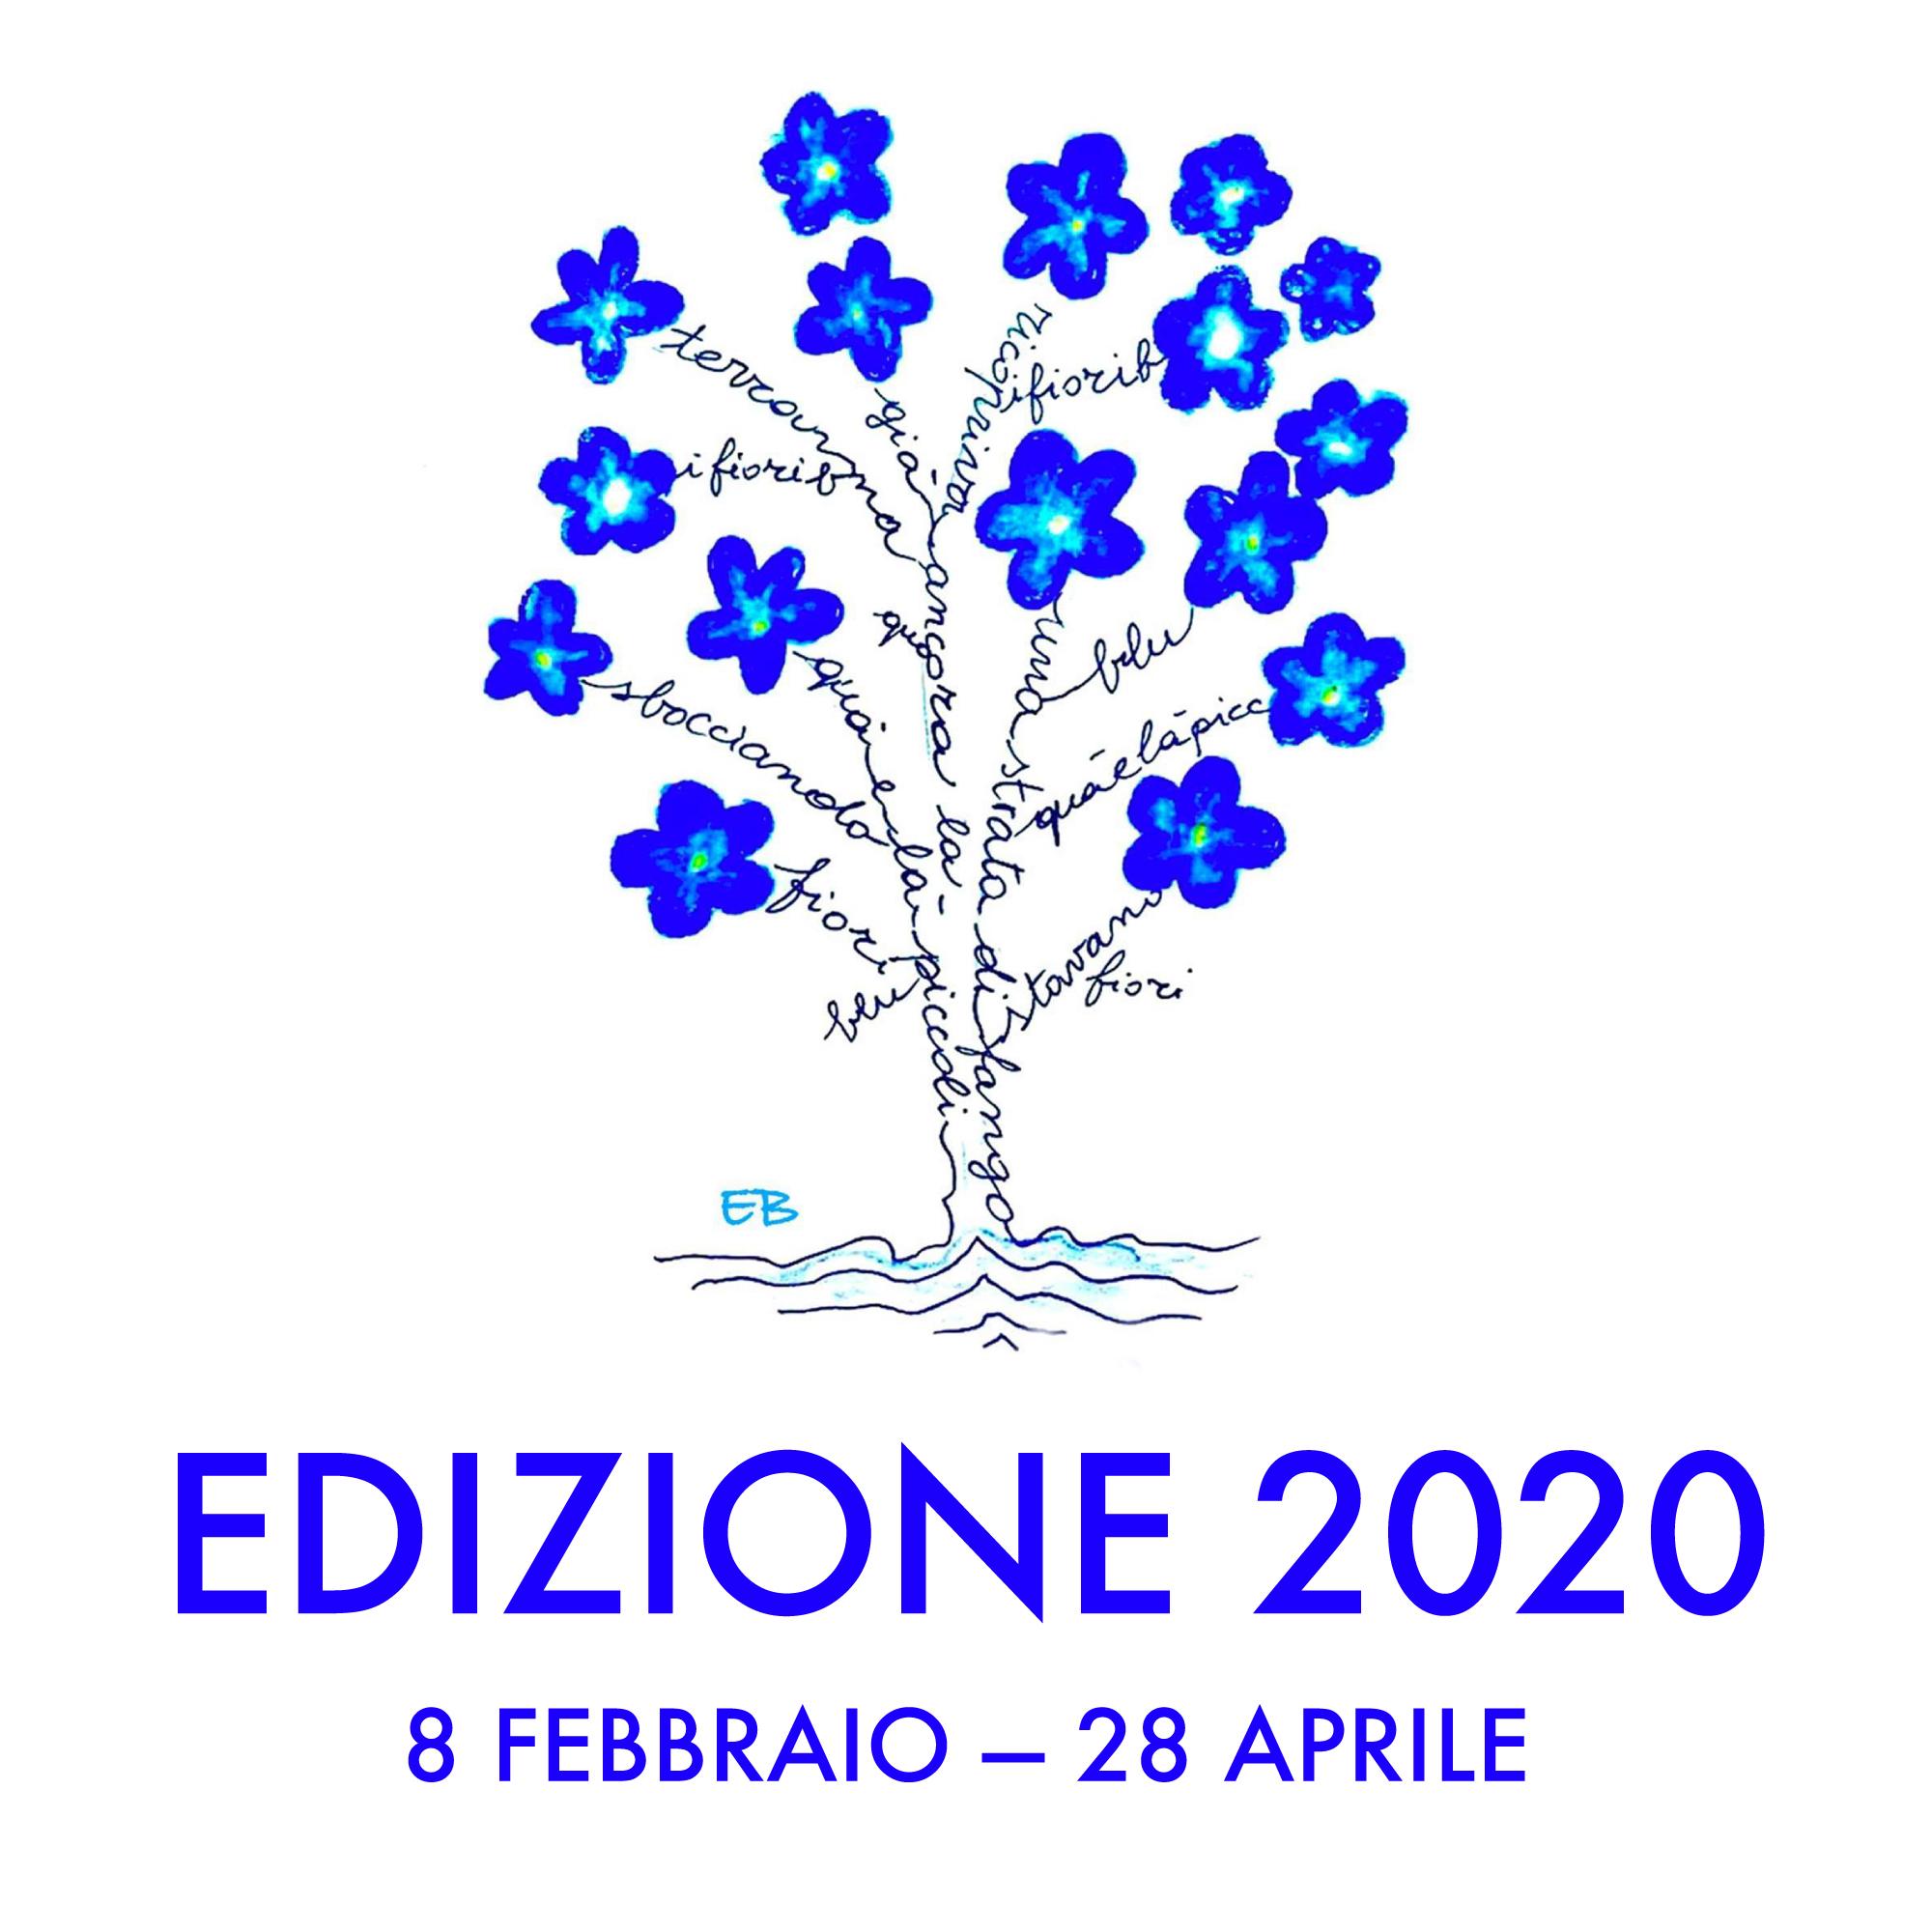 EDIZIONE-2020-I-FIORI-BLU